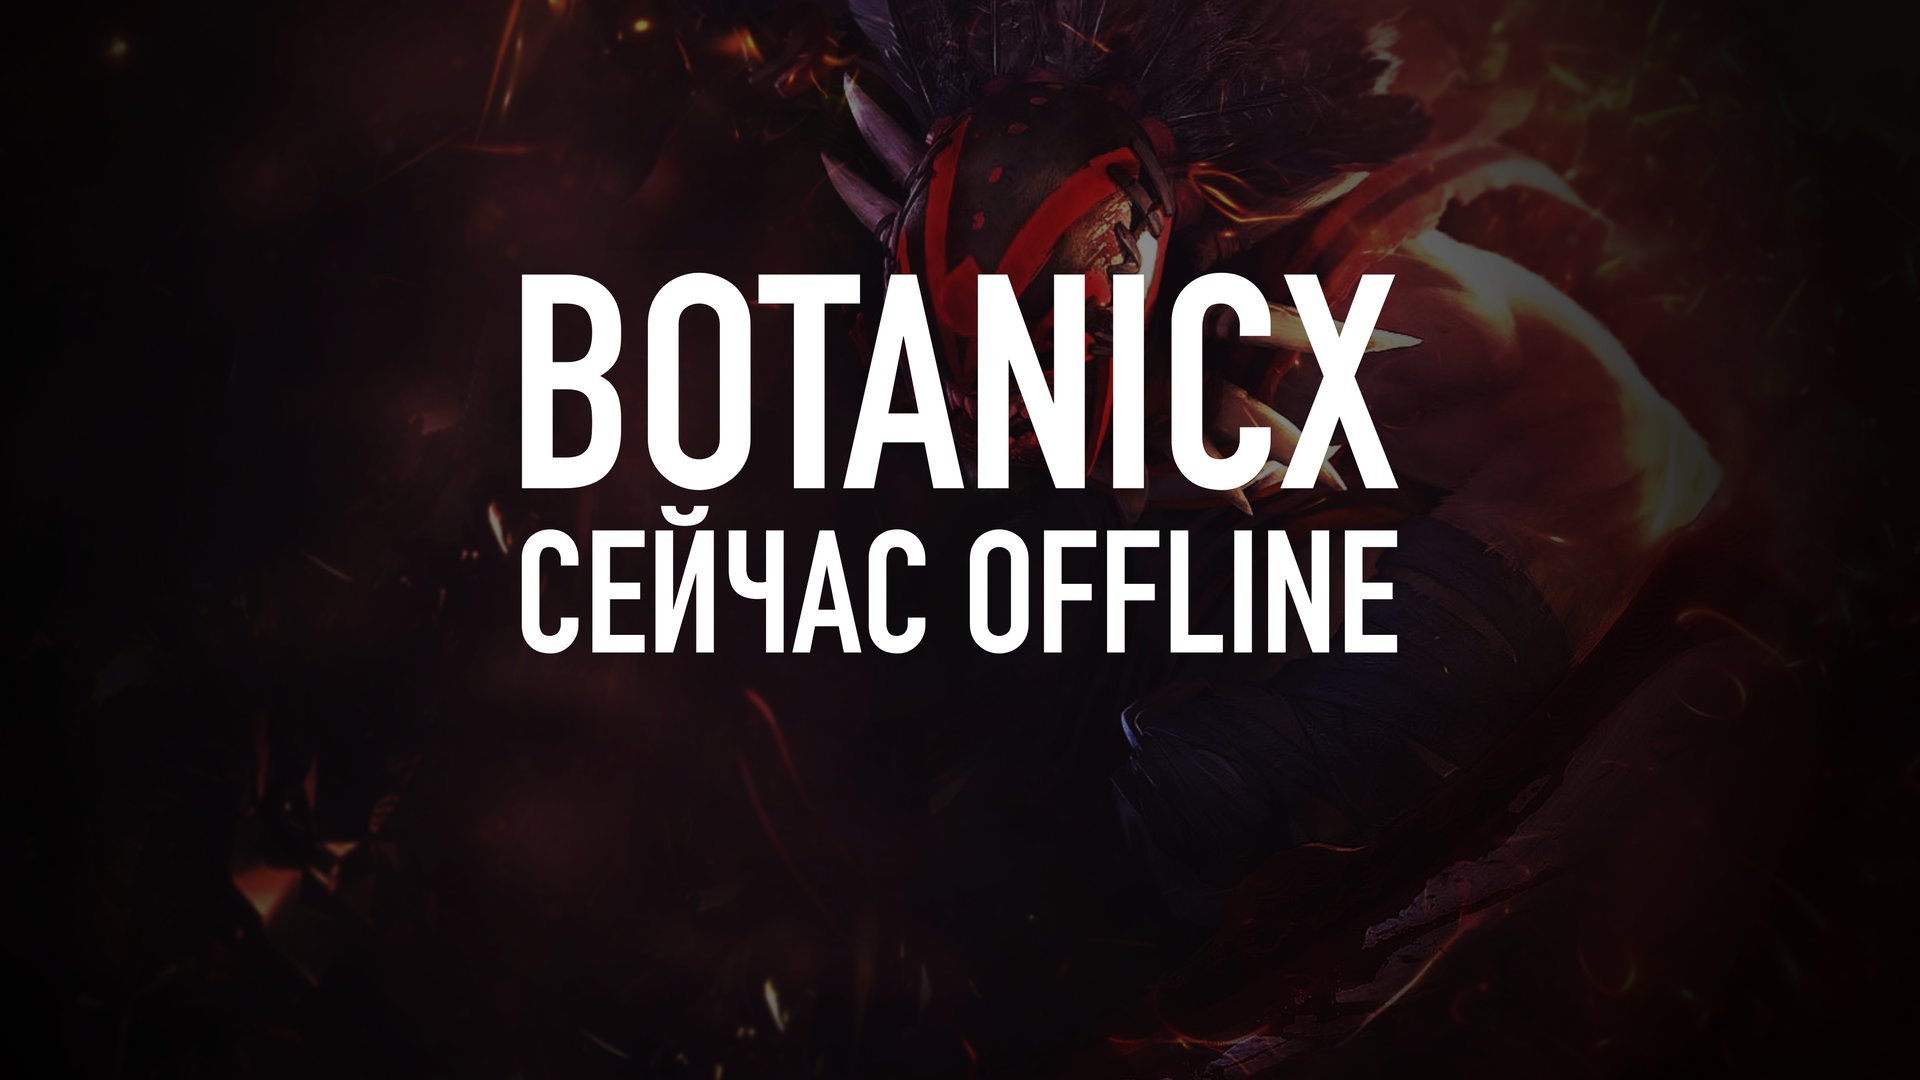 Twitch stream of BotanicX